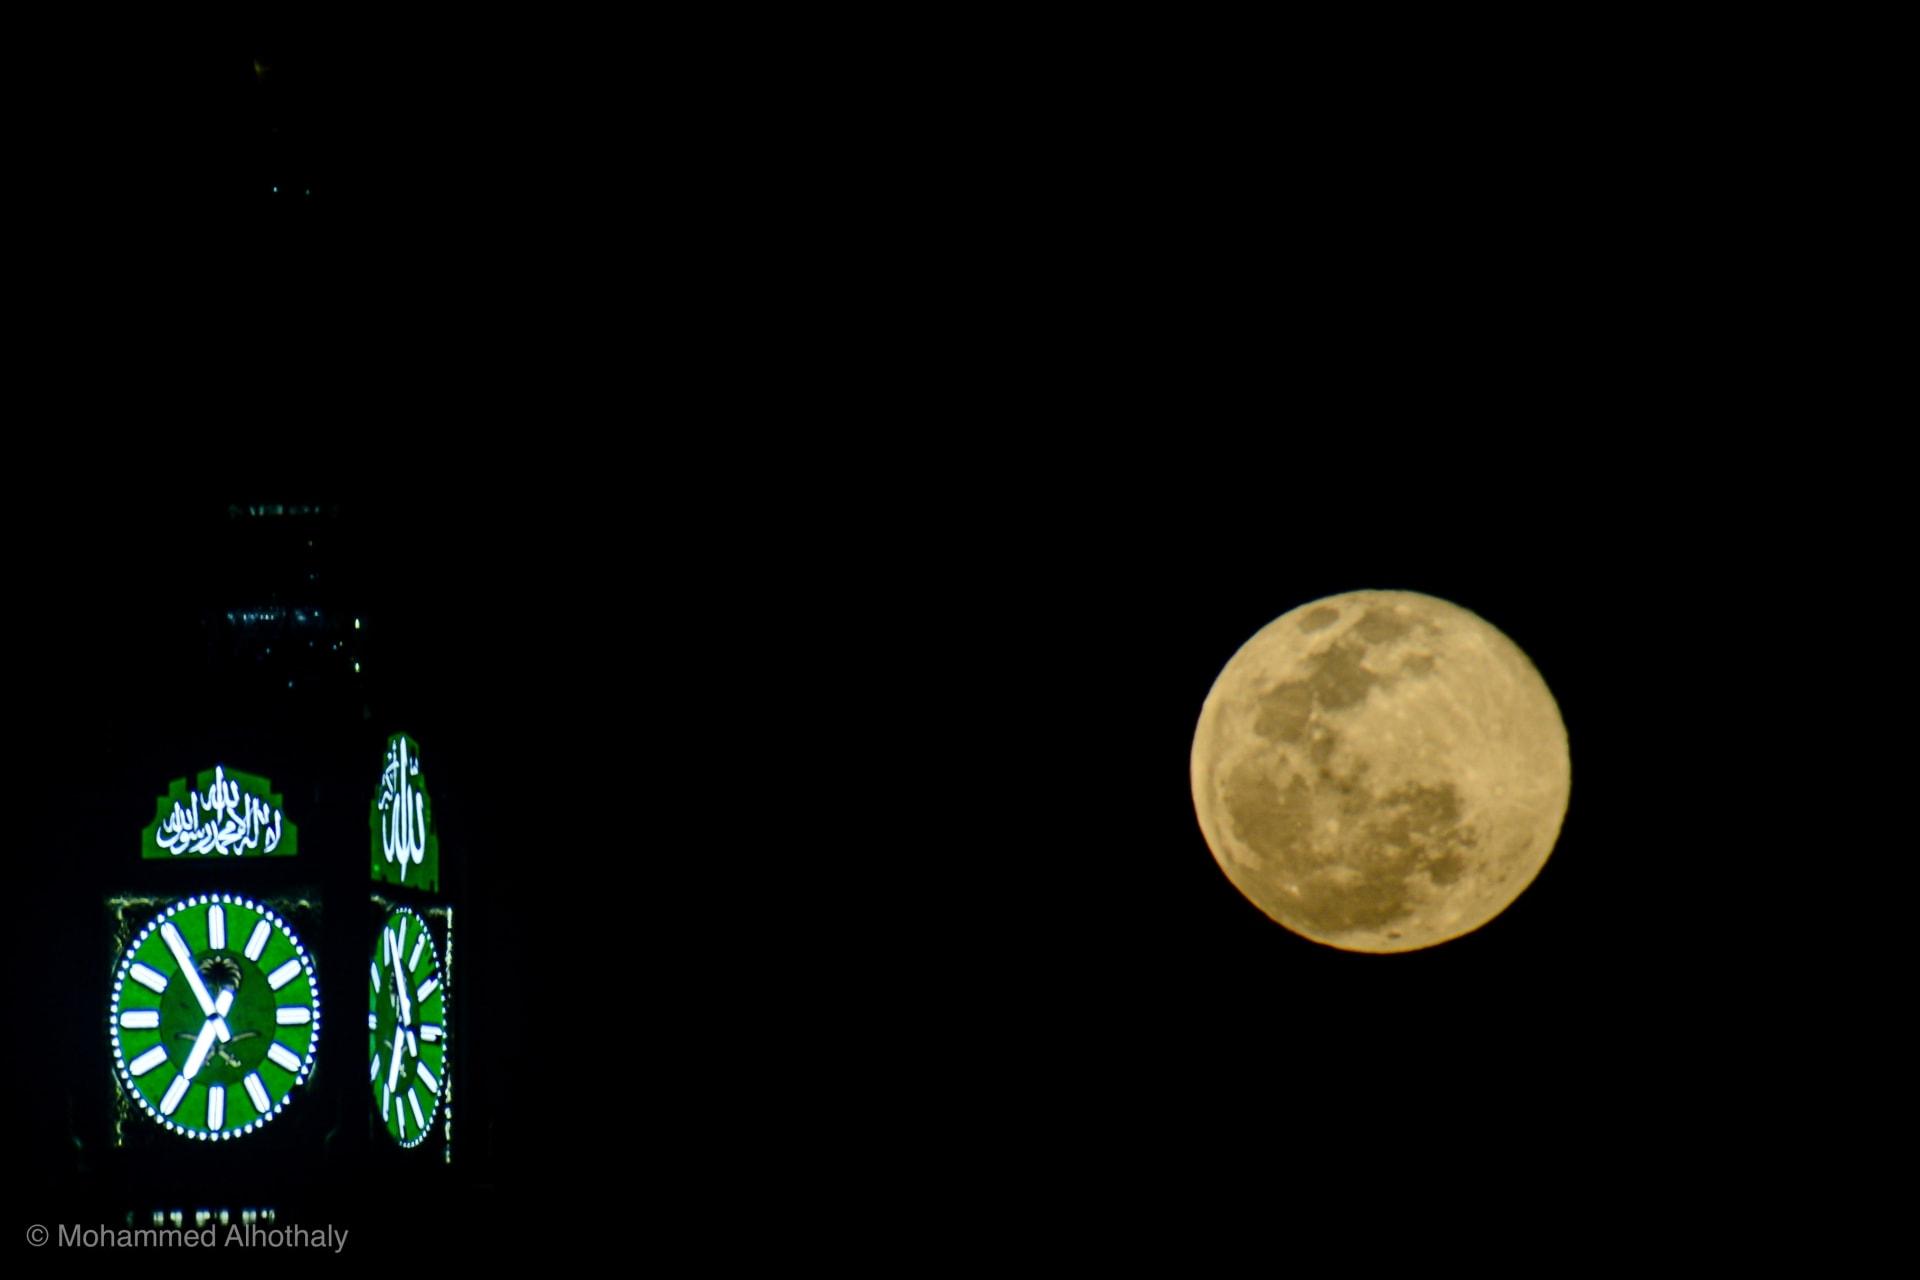 القمر الثلجي يزين سماء السعودية ومصور يوثق هذه الظاهرة الفلكية